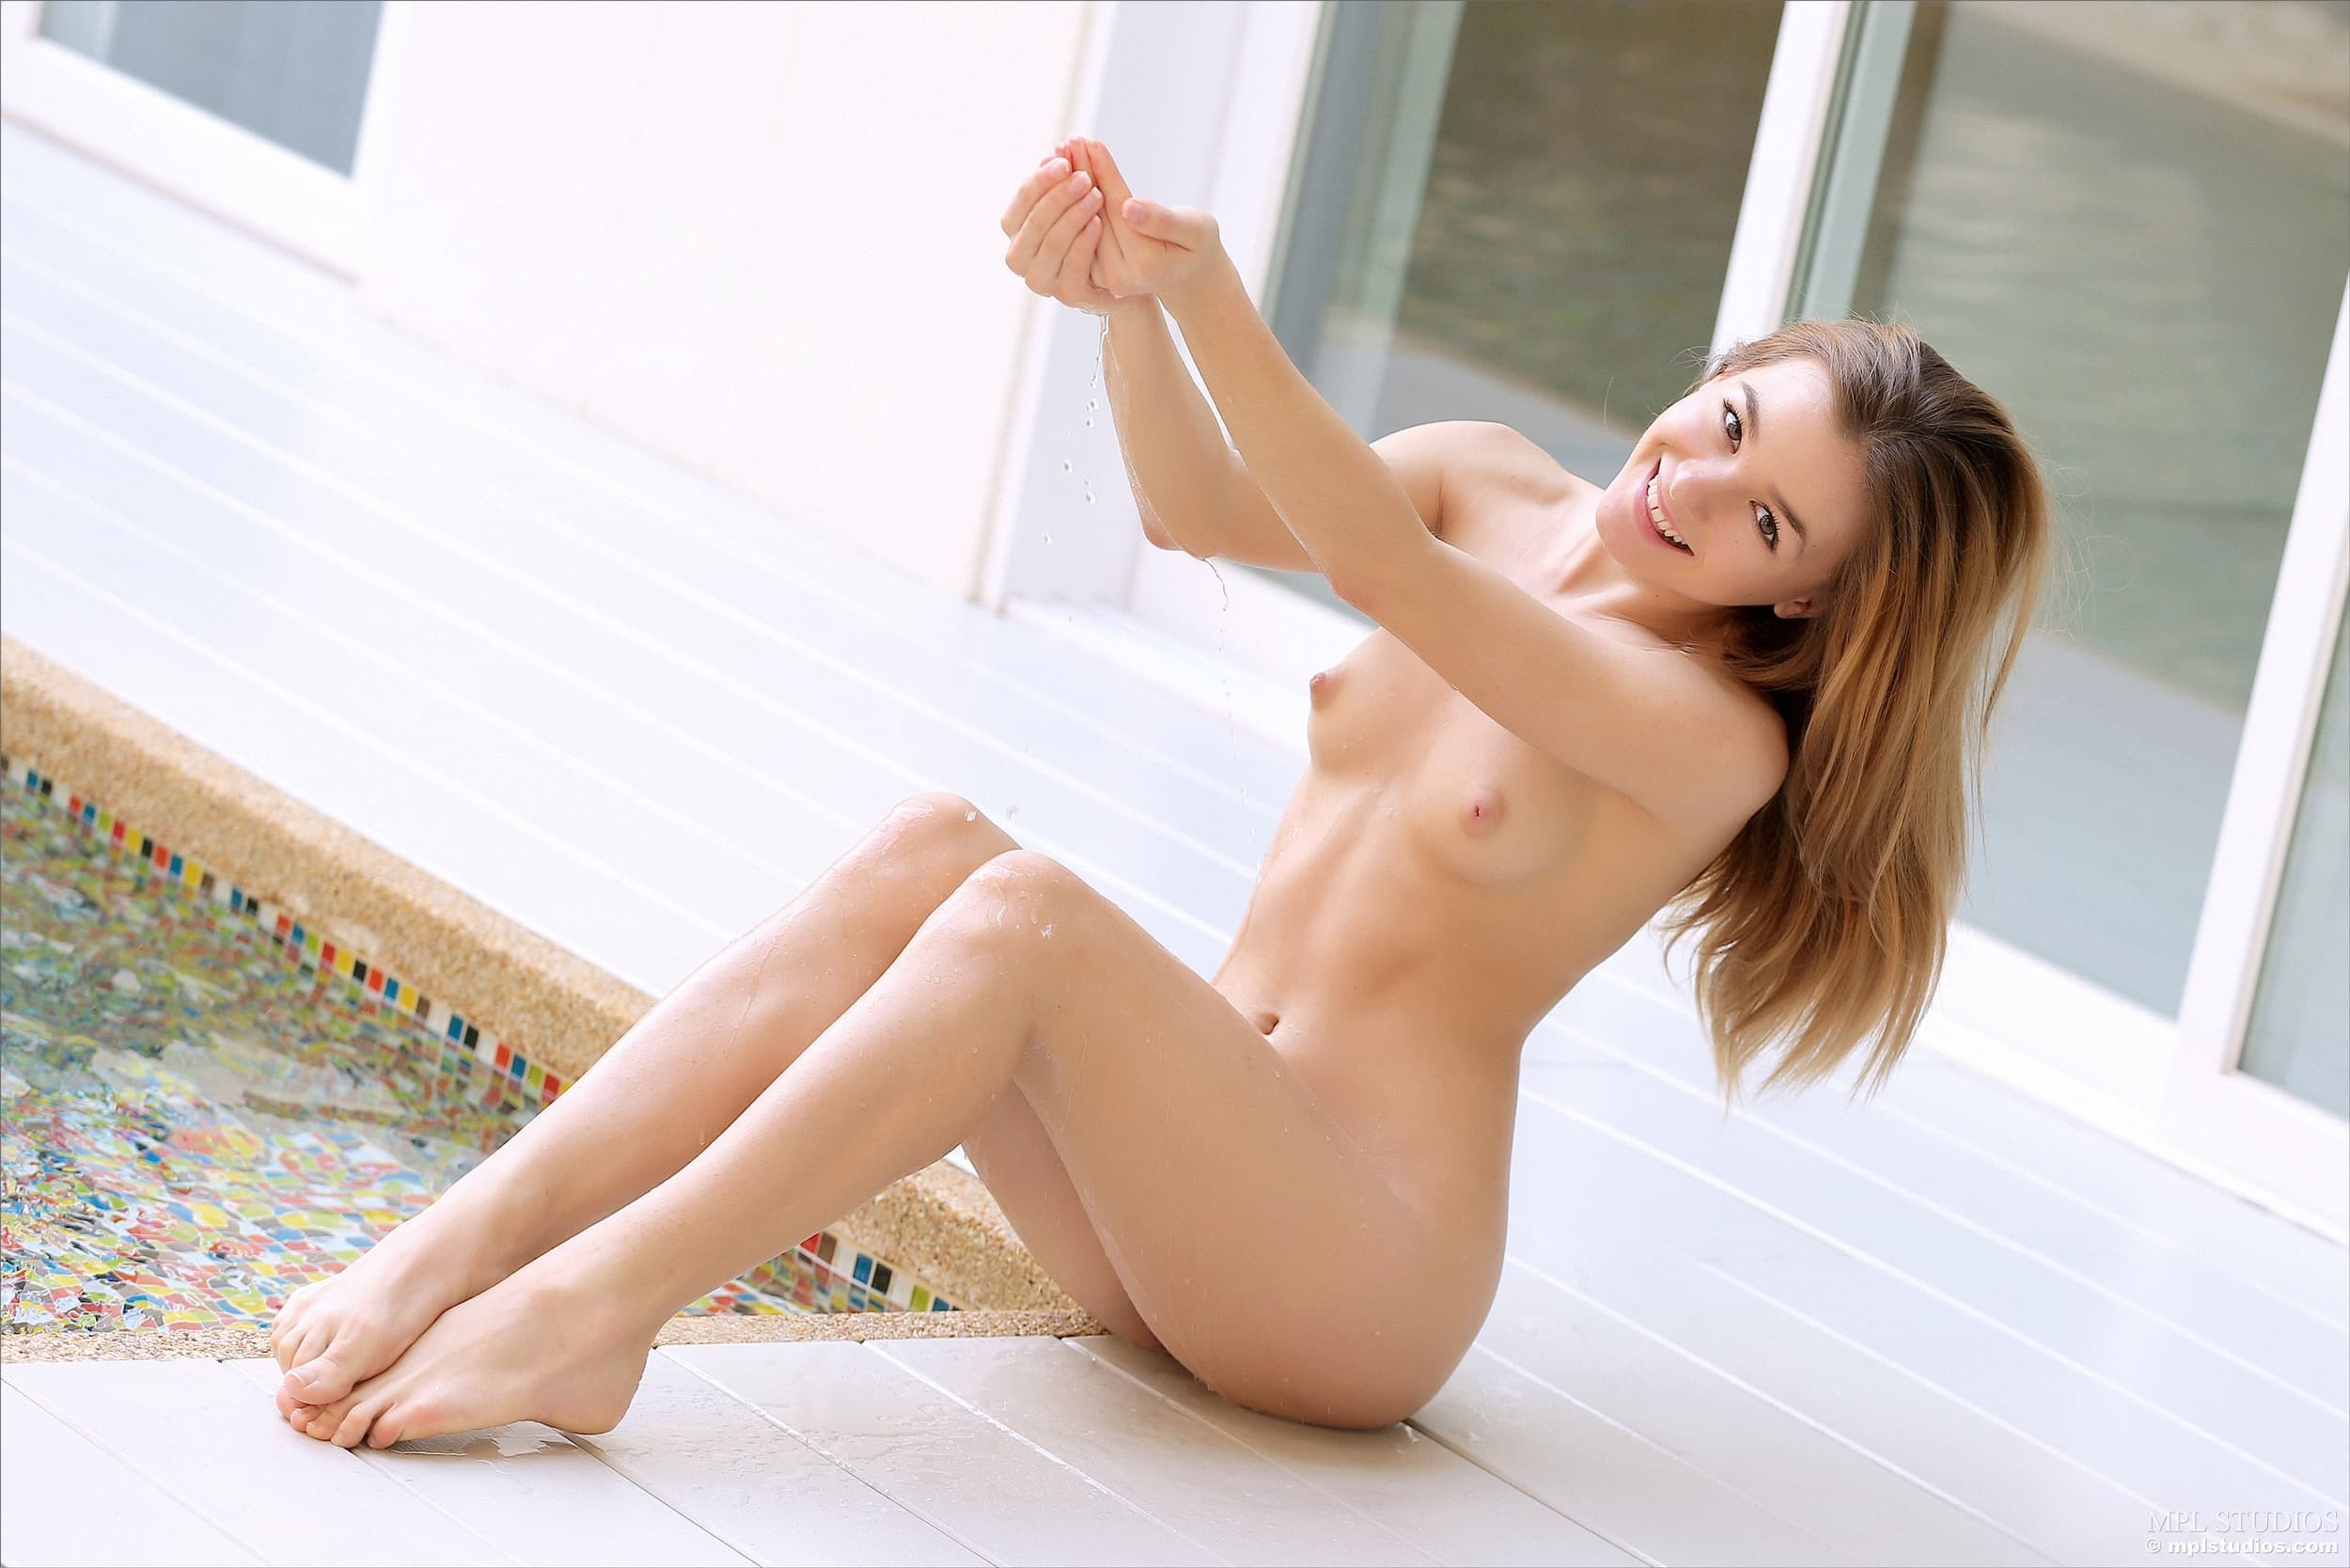 Обаятельная худенькая девица с плоской грудью у бассейна - фото